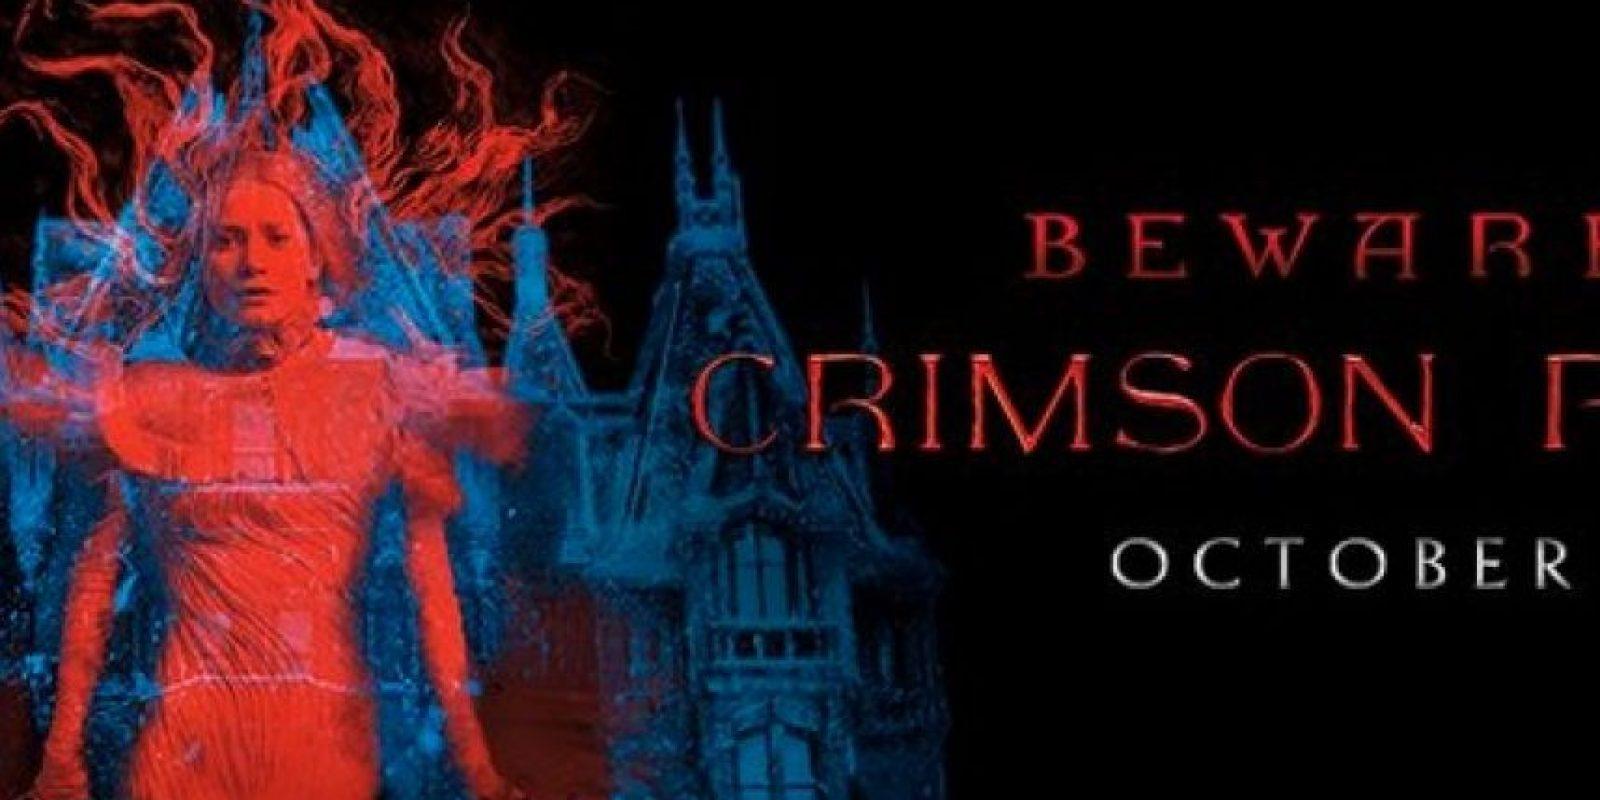 """""""La Cumbre Escarlata"""" es una cinta de terror escrita y dirigida por Guillermo del Toro. Foto:Facebook/CrimsonPeak"""